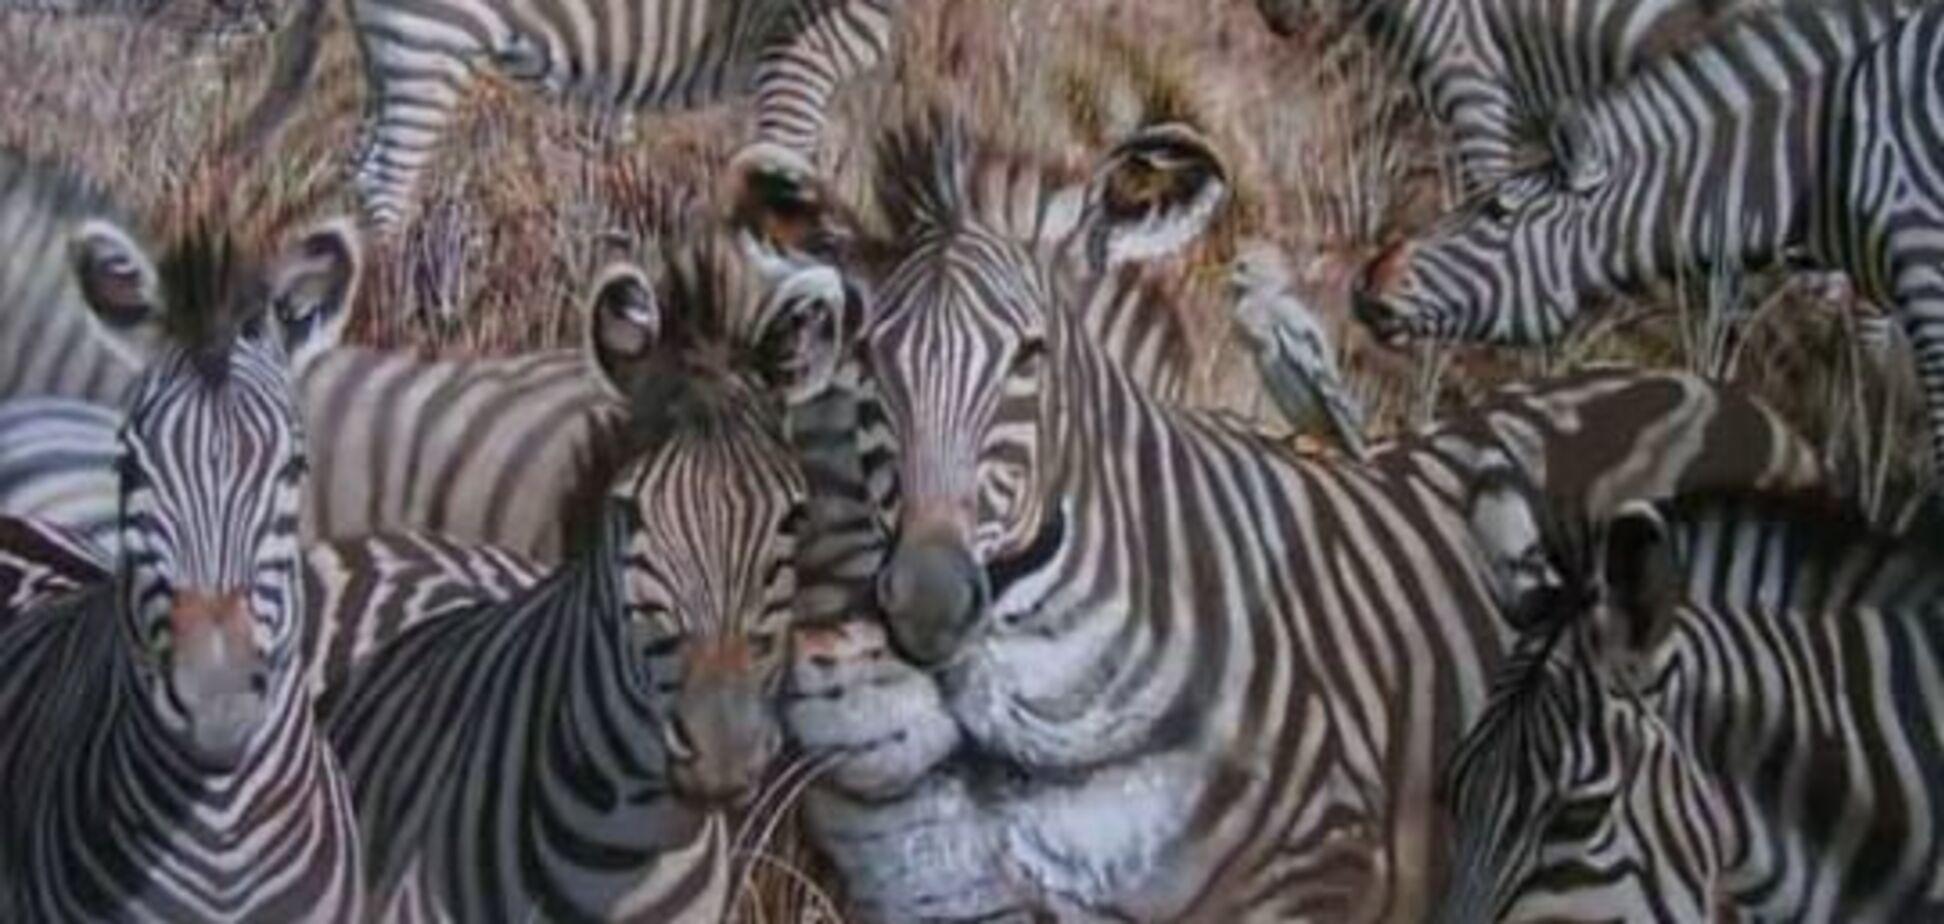 Ілюзії. Бачите лева? А його немає, на фотографії тільки зебри